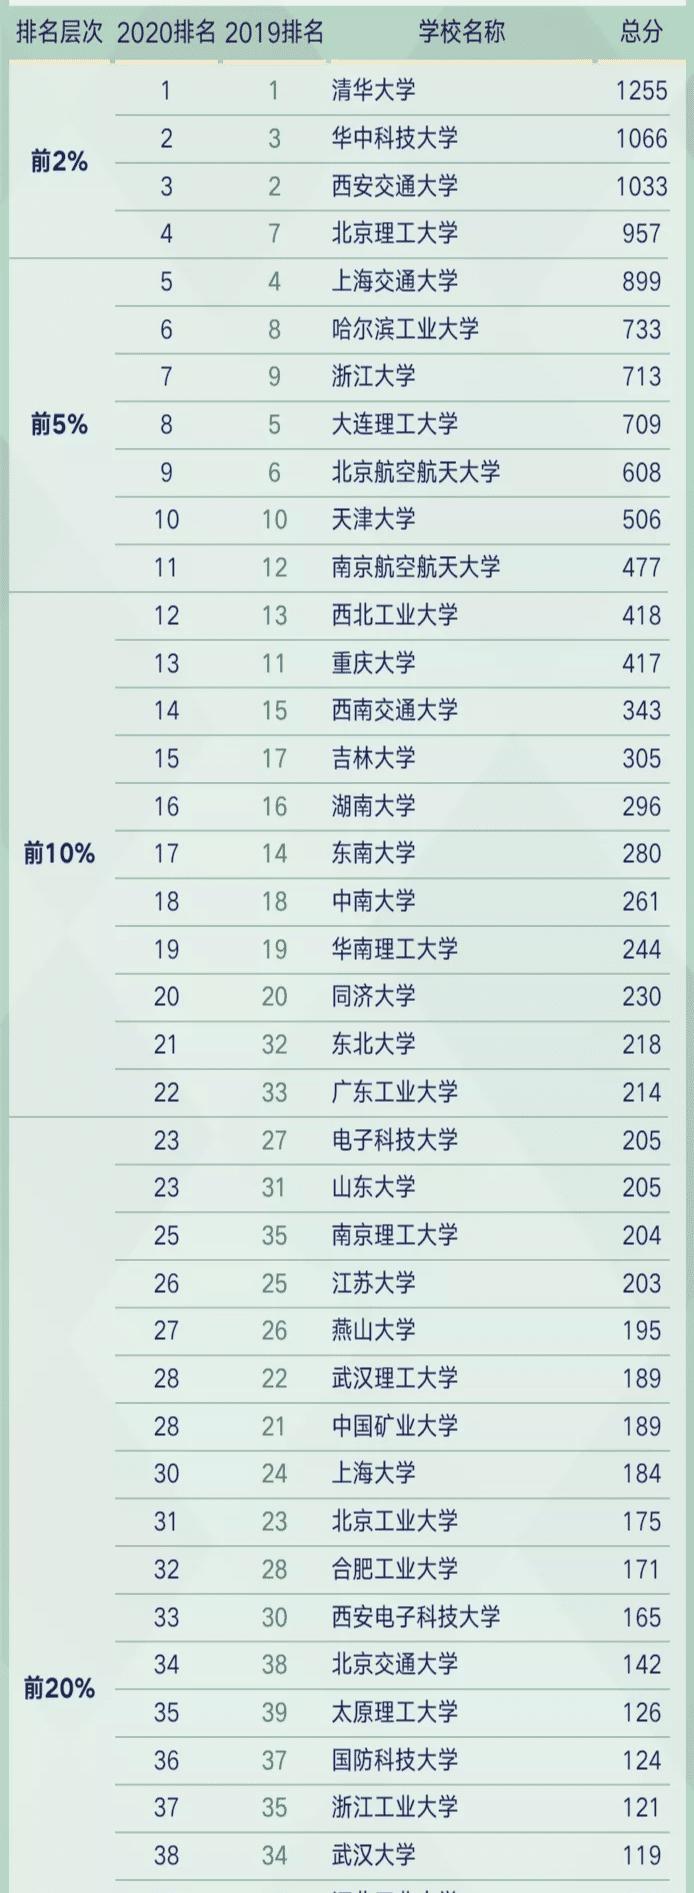 切割机排行榜_全球机械制造50强排行:前五名中国占三席,日媒:东南亚没有对手